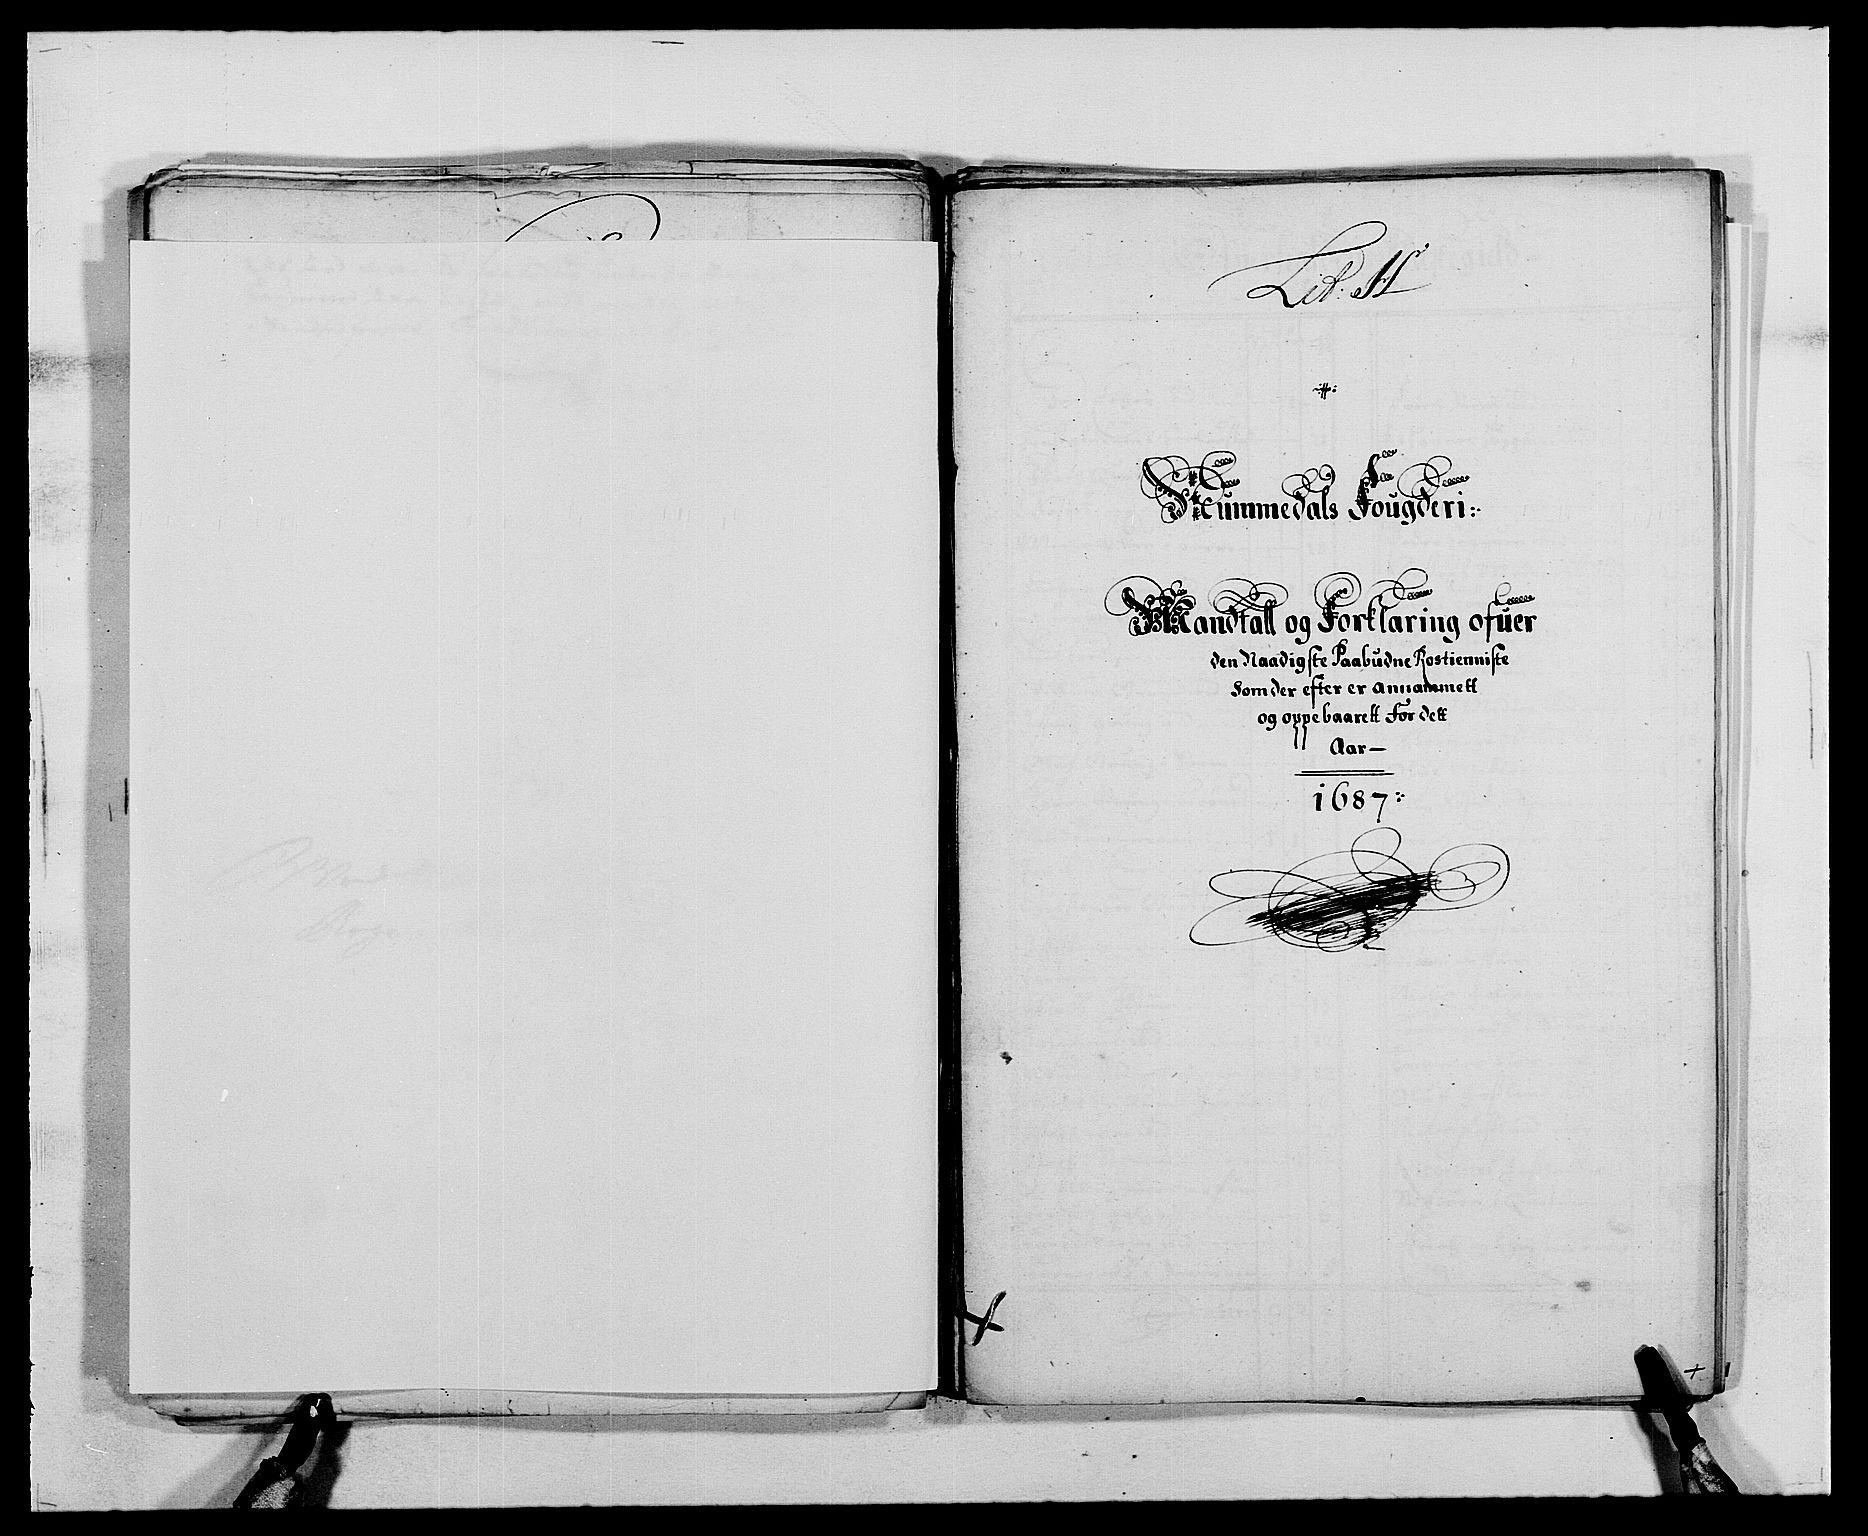 RA, Rentekammeret inntil 1814, Reviderte regnskaper, Fogderegnskap, R64/L4422: Fogderegnskap Namdal, 1687-1689, s. 40